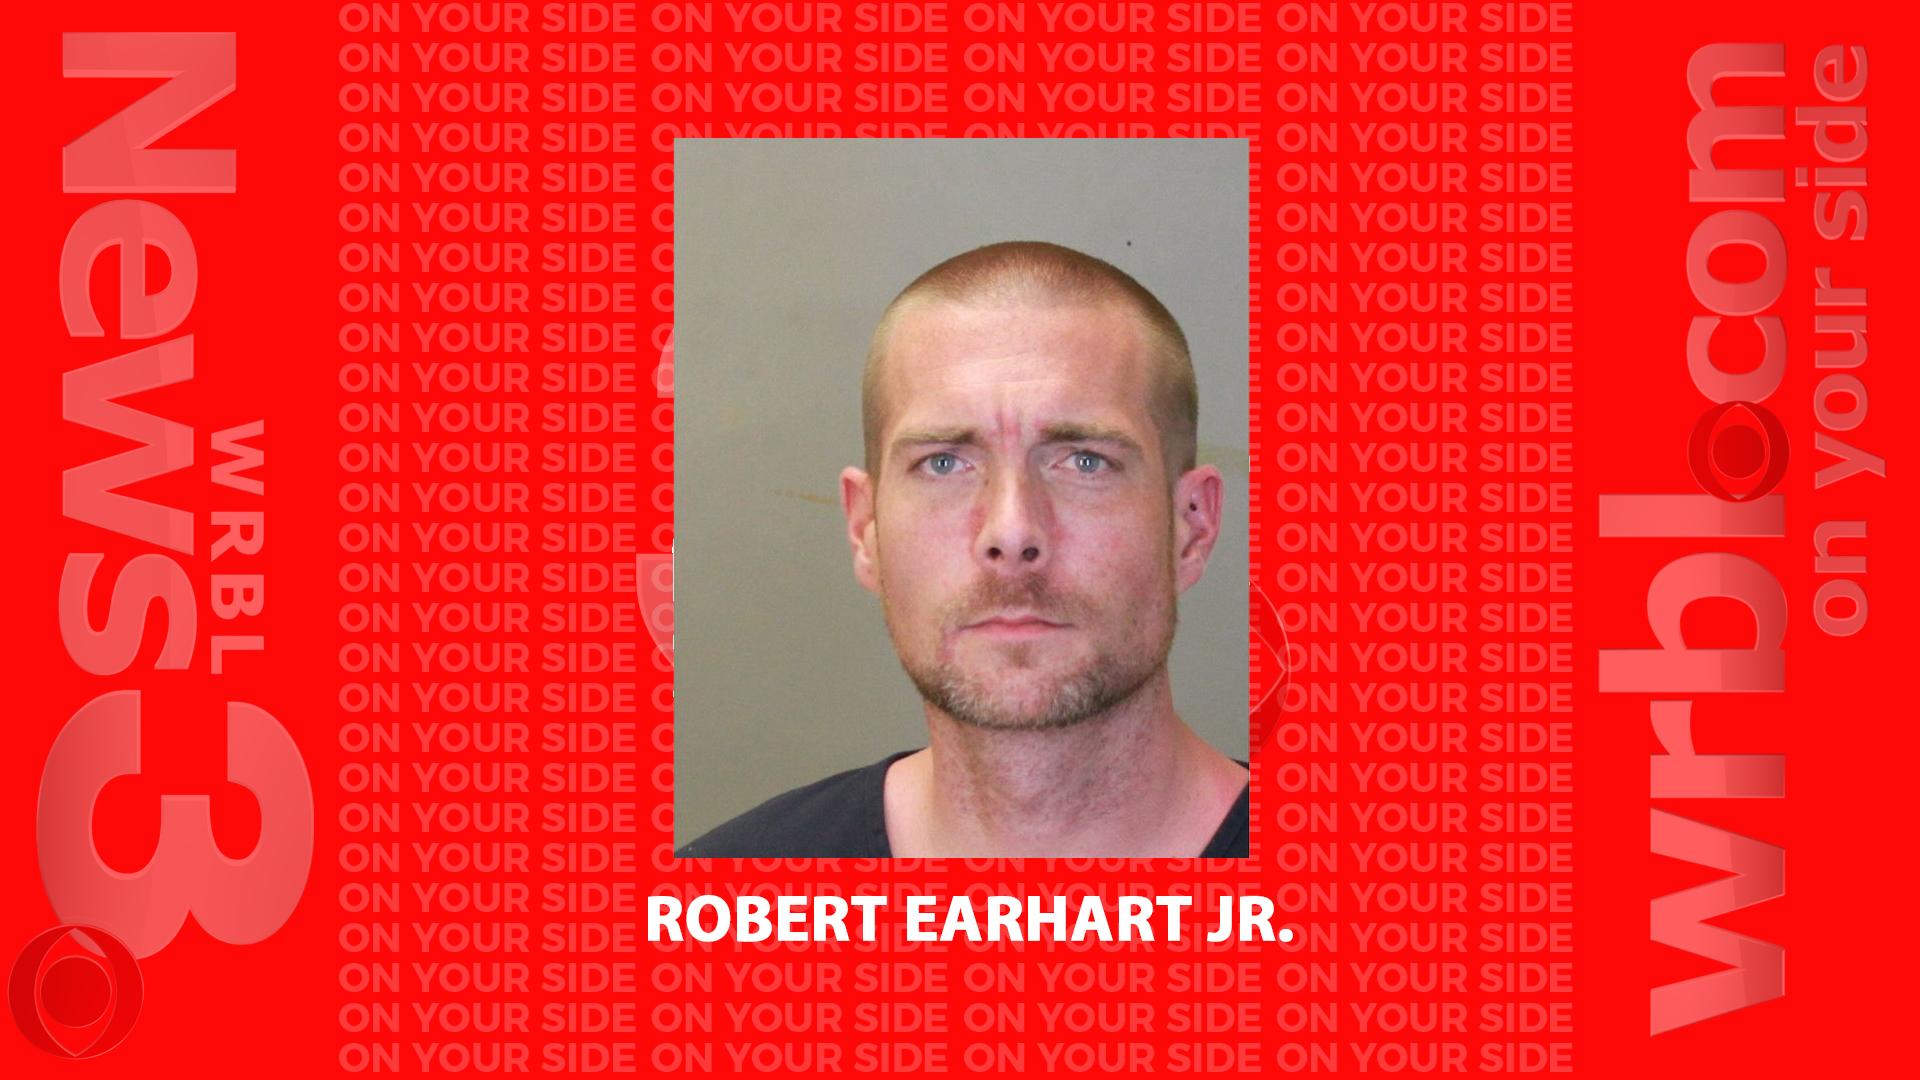 Earhart Jr branded_1556831099925.jpg.jpg